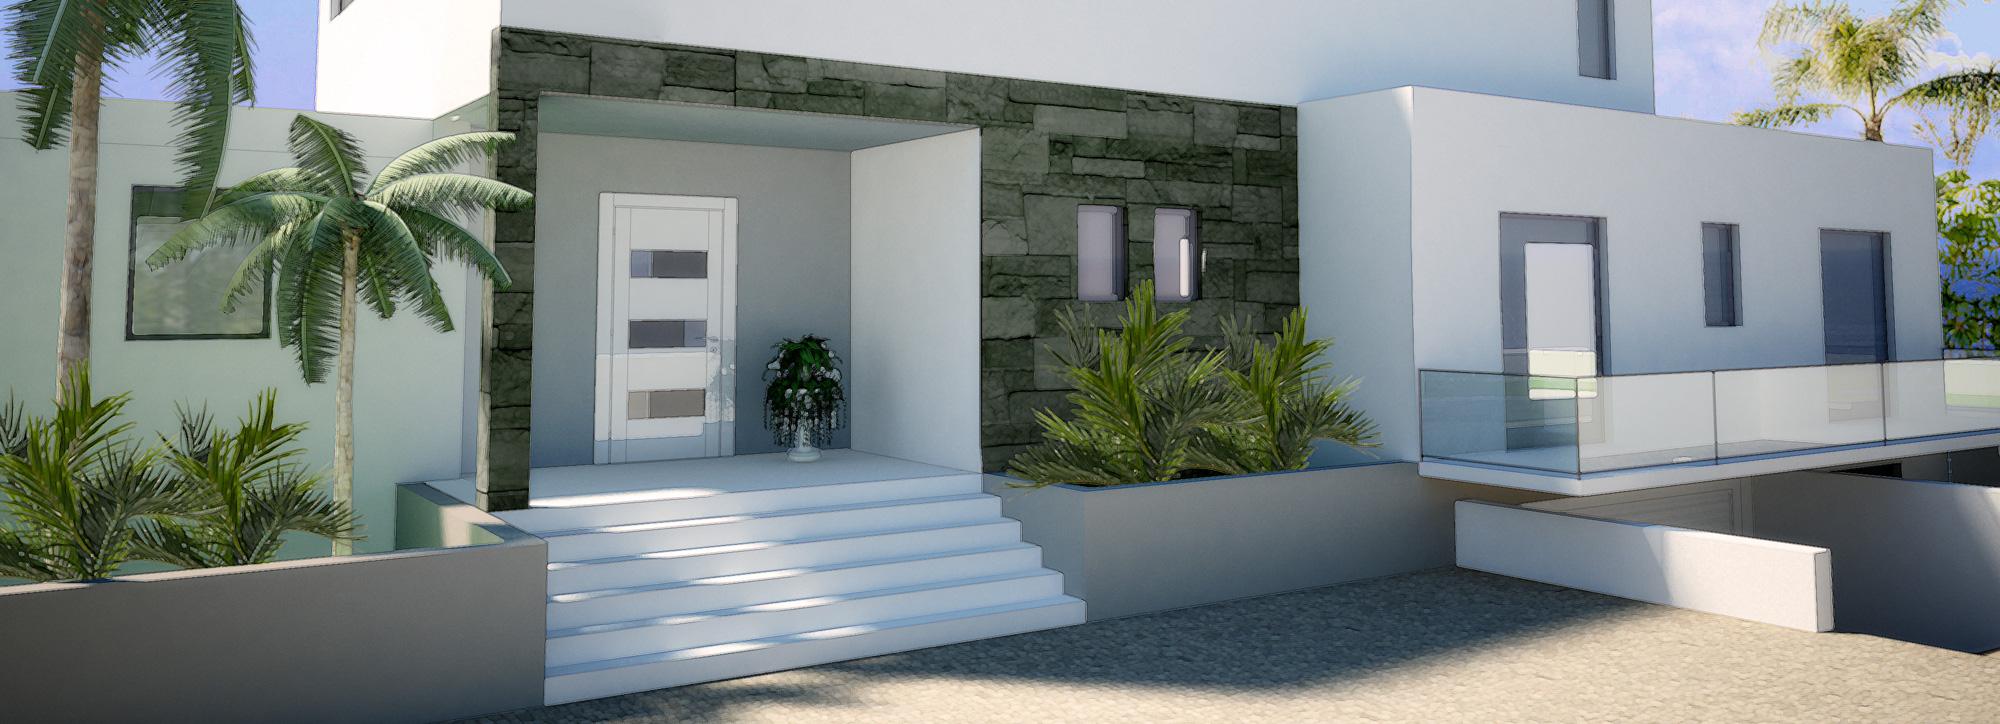 Σχεδίαση εξωτερικού χώρου